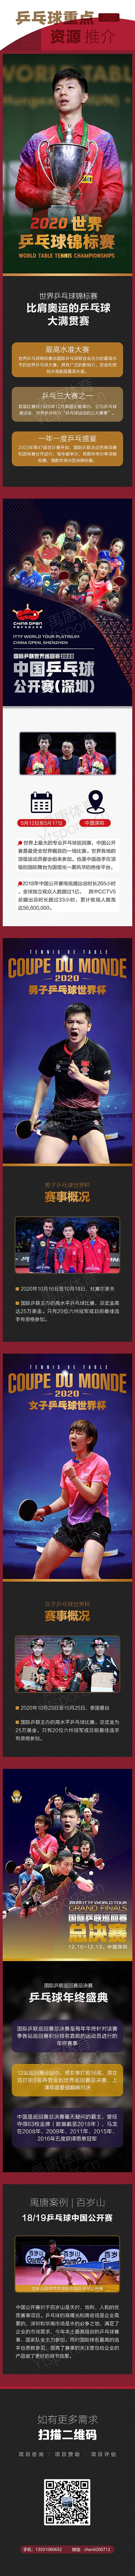 2020年乒乓球重点赛事资源营销赞助合作方案 _体育